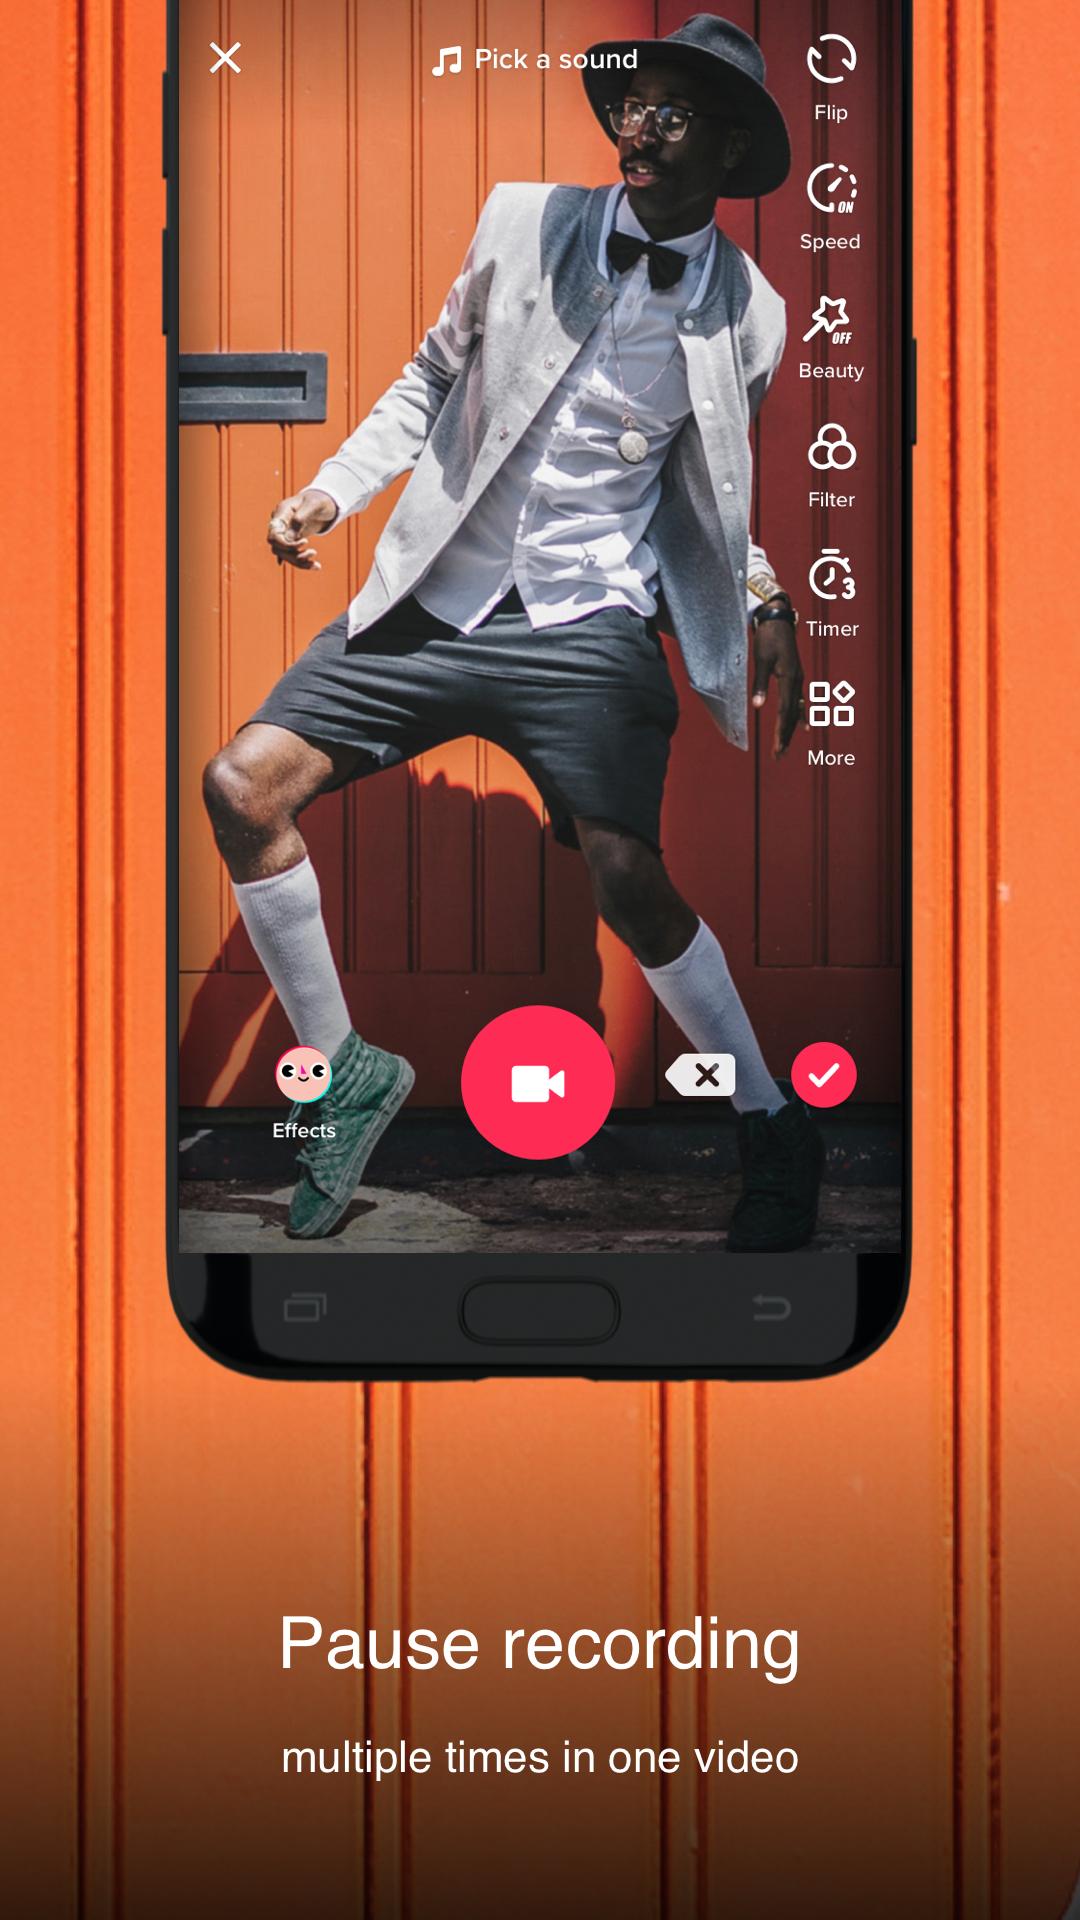 Flipchat – new chat app from TikTok developer - The Geek ... |Developer Of Tiktok